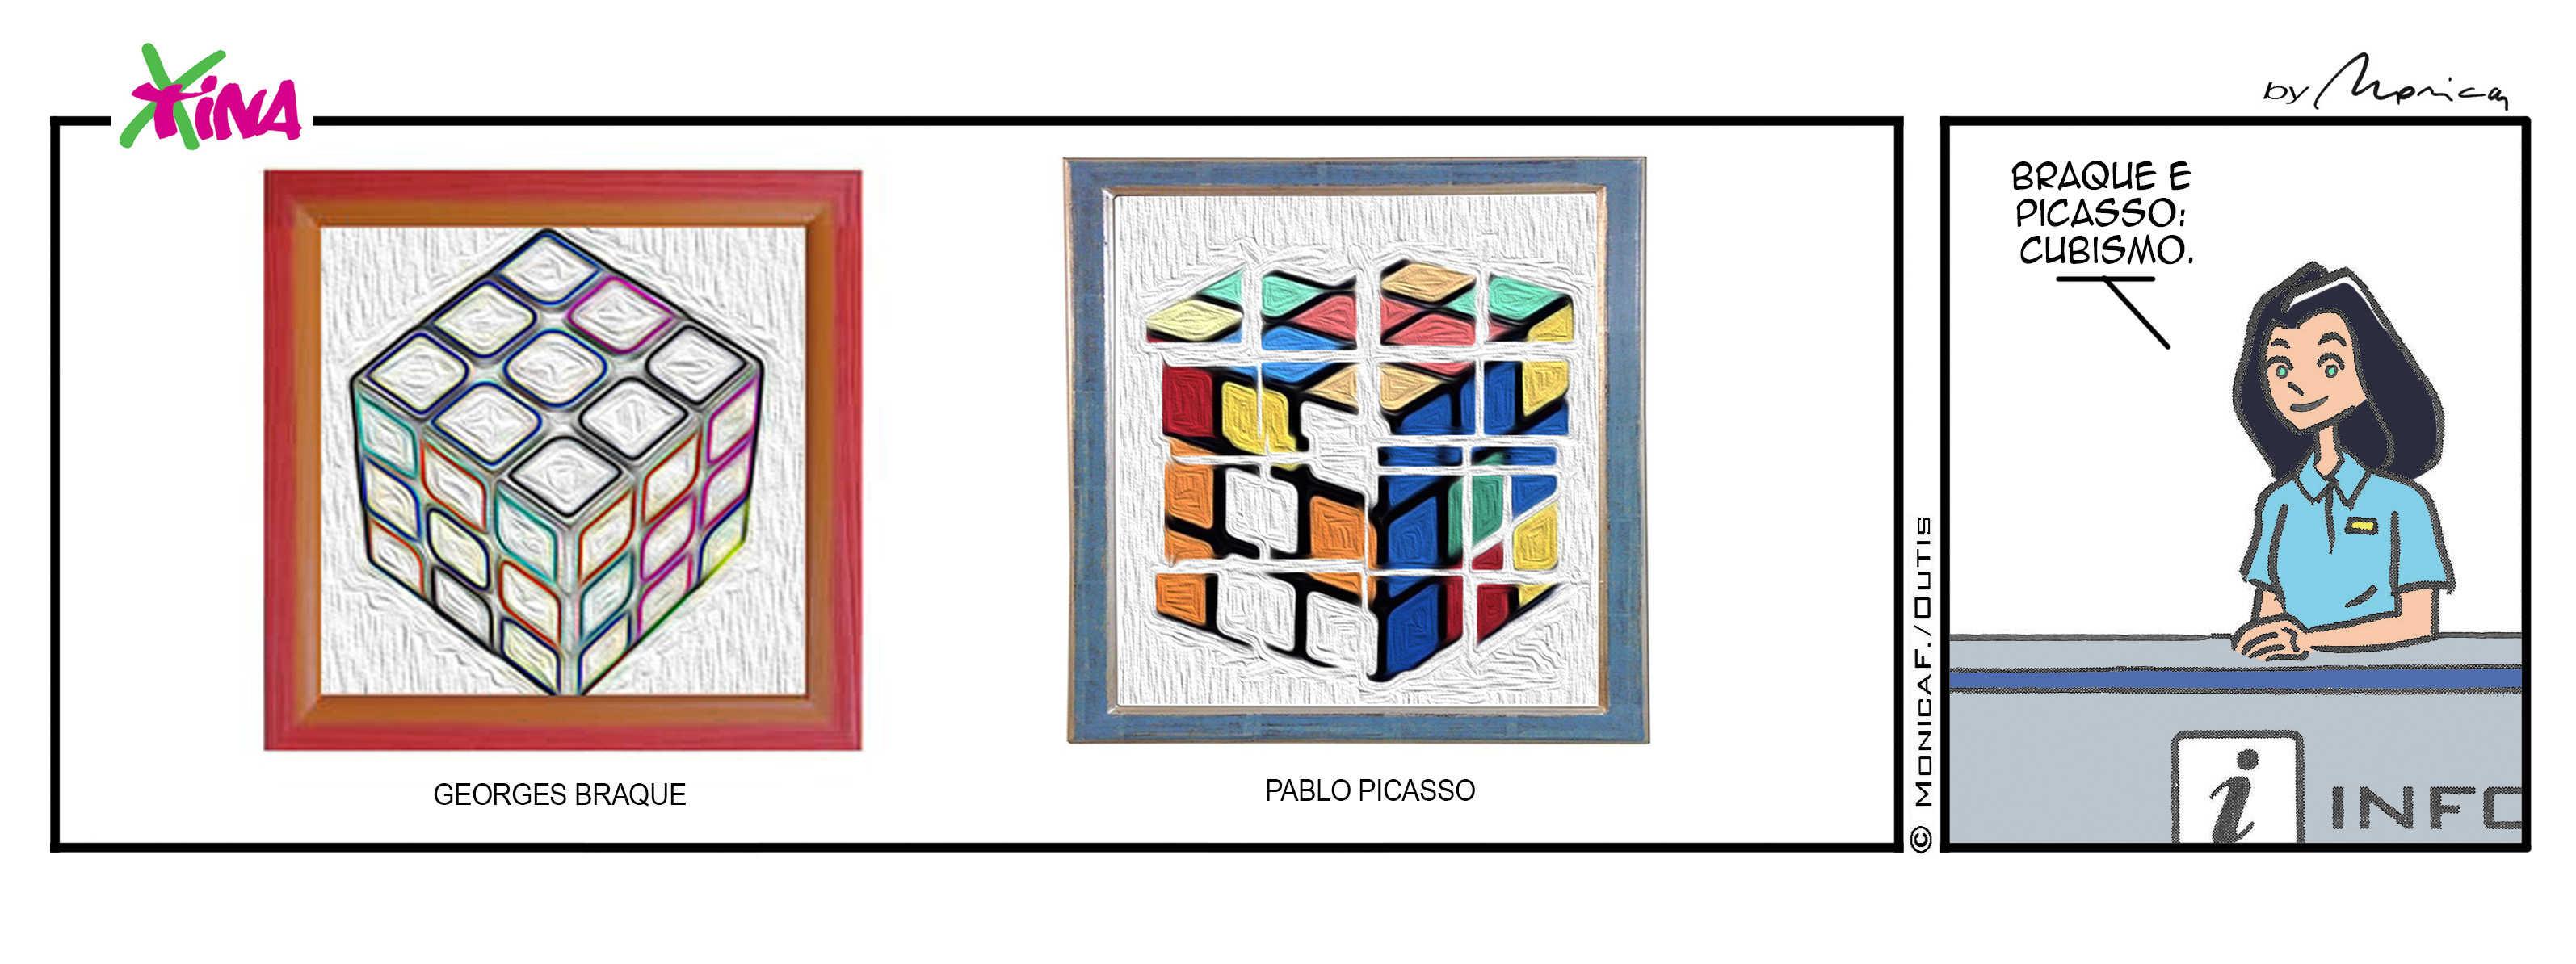 Xtina comic strip Braque & Picasso cubism